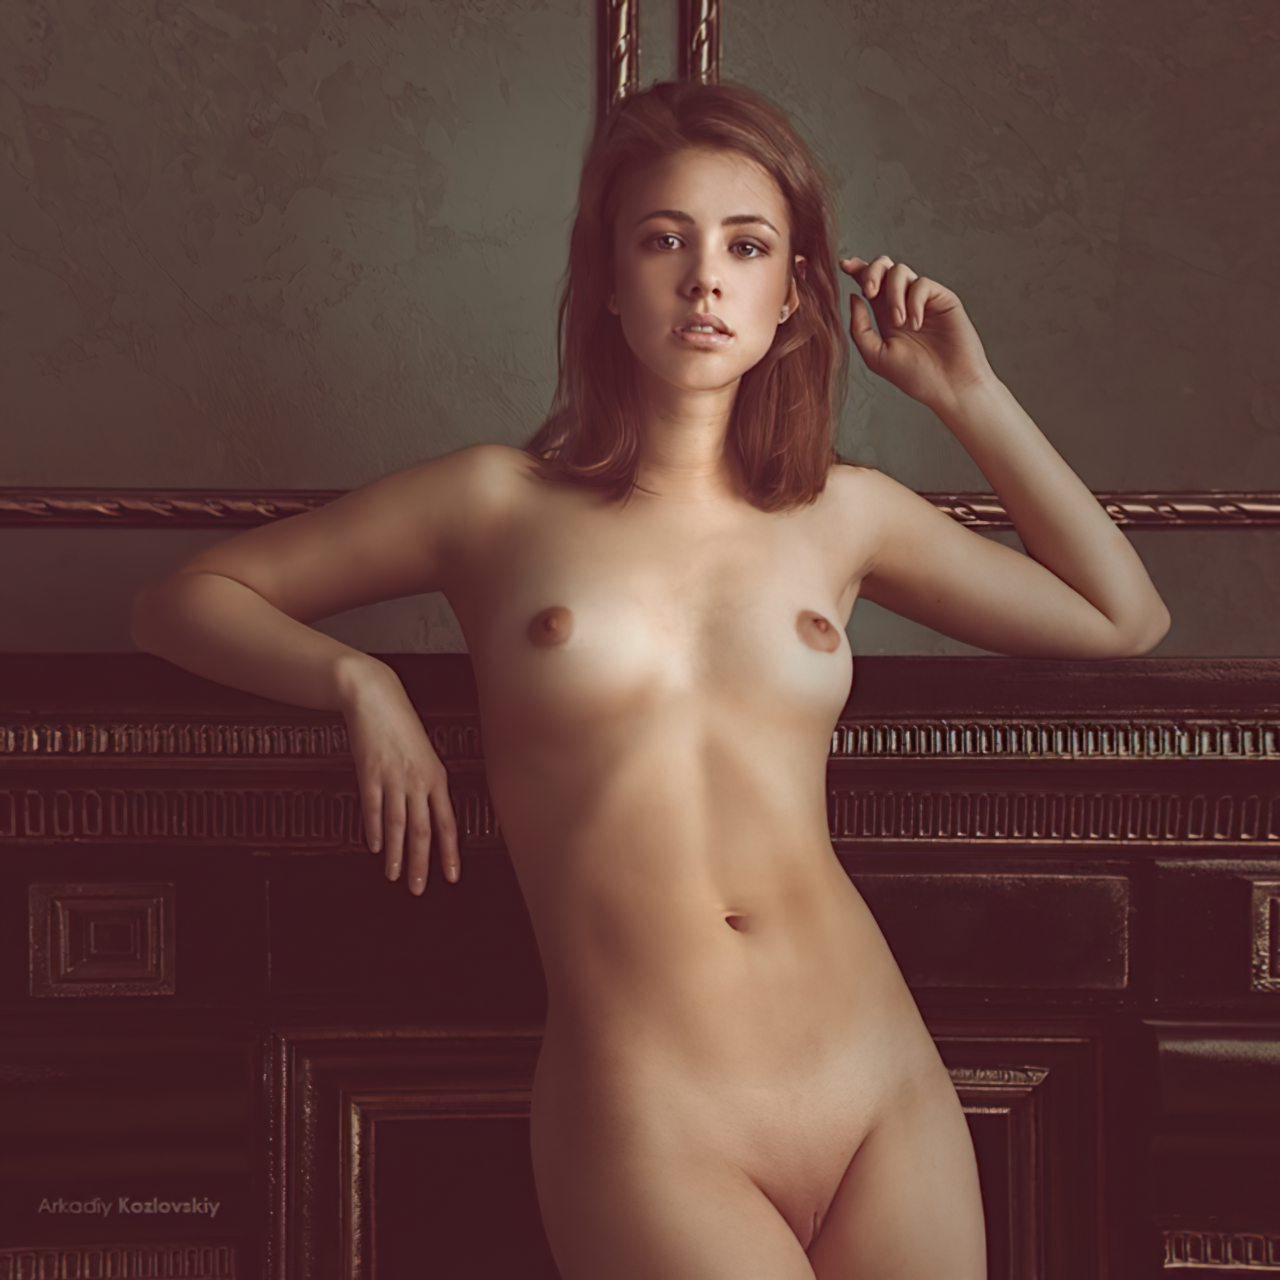 Mulheres Fotos (3)